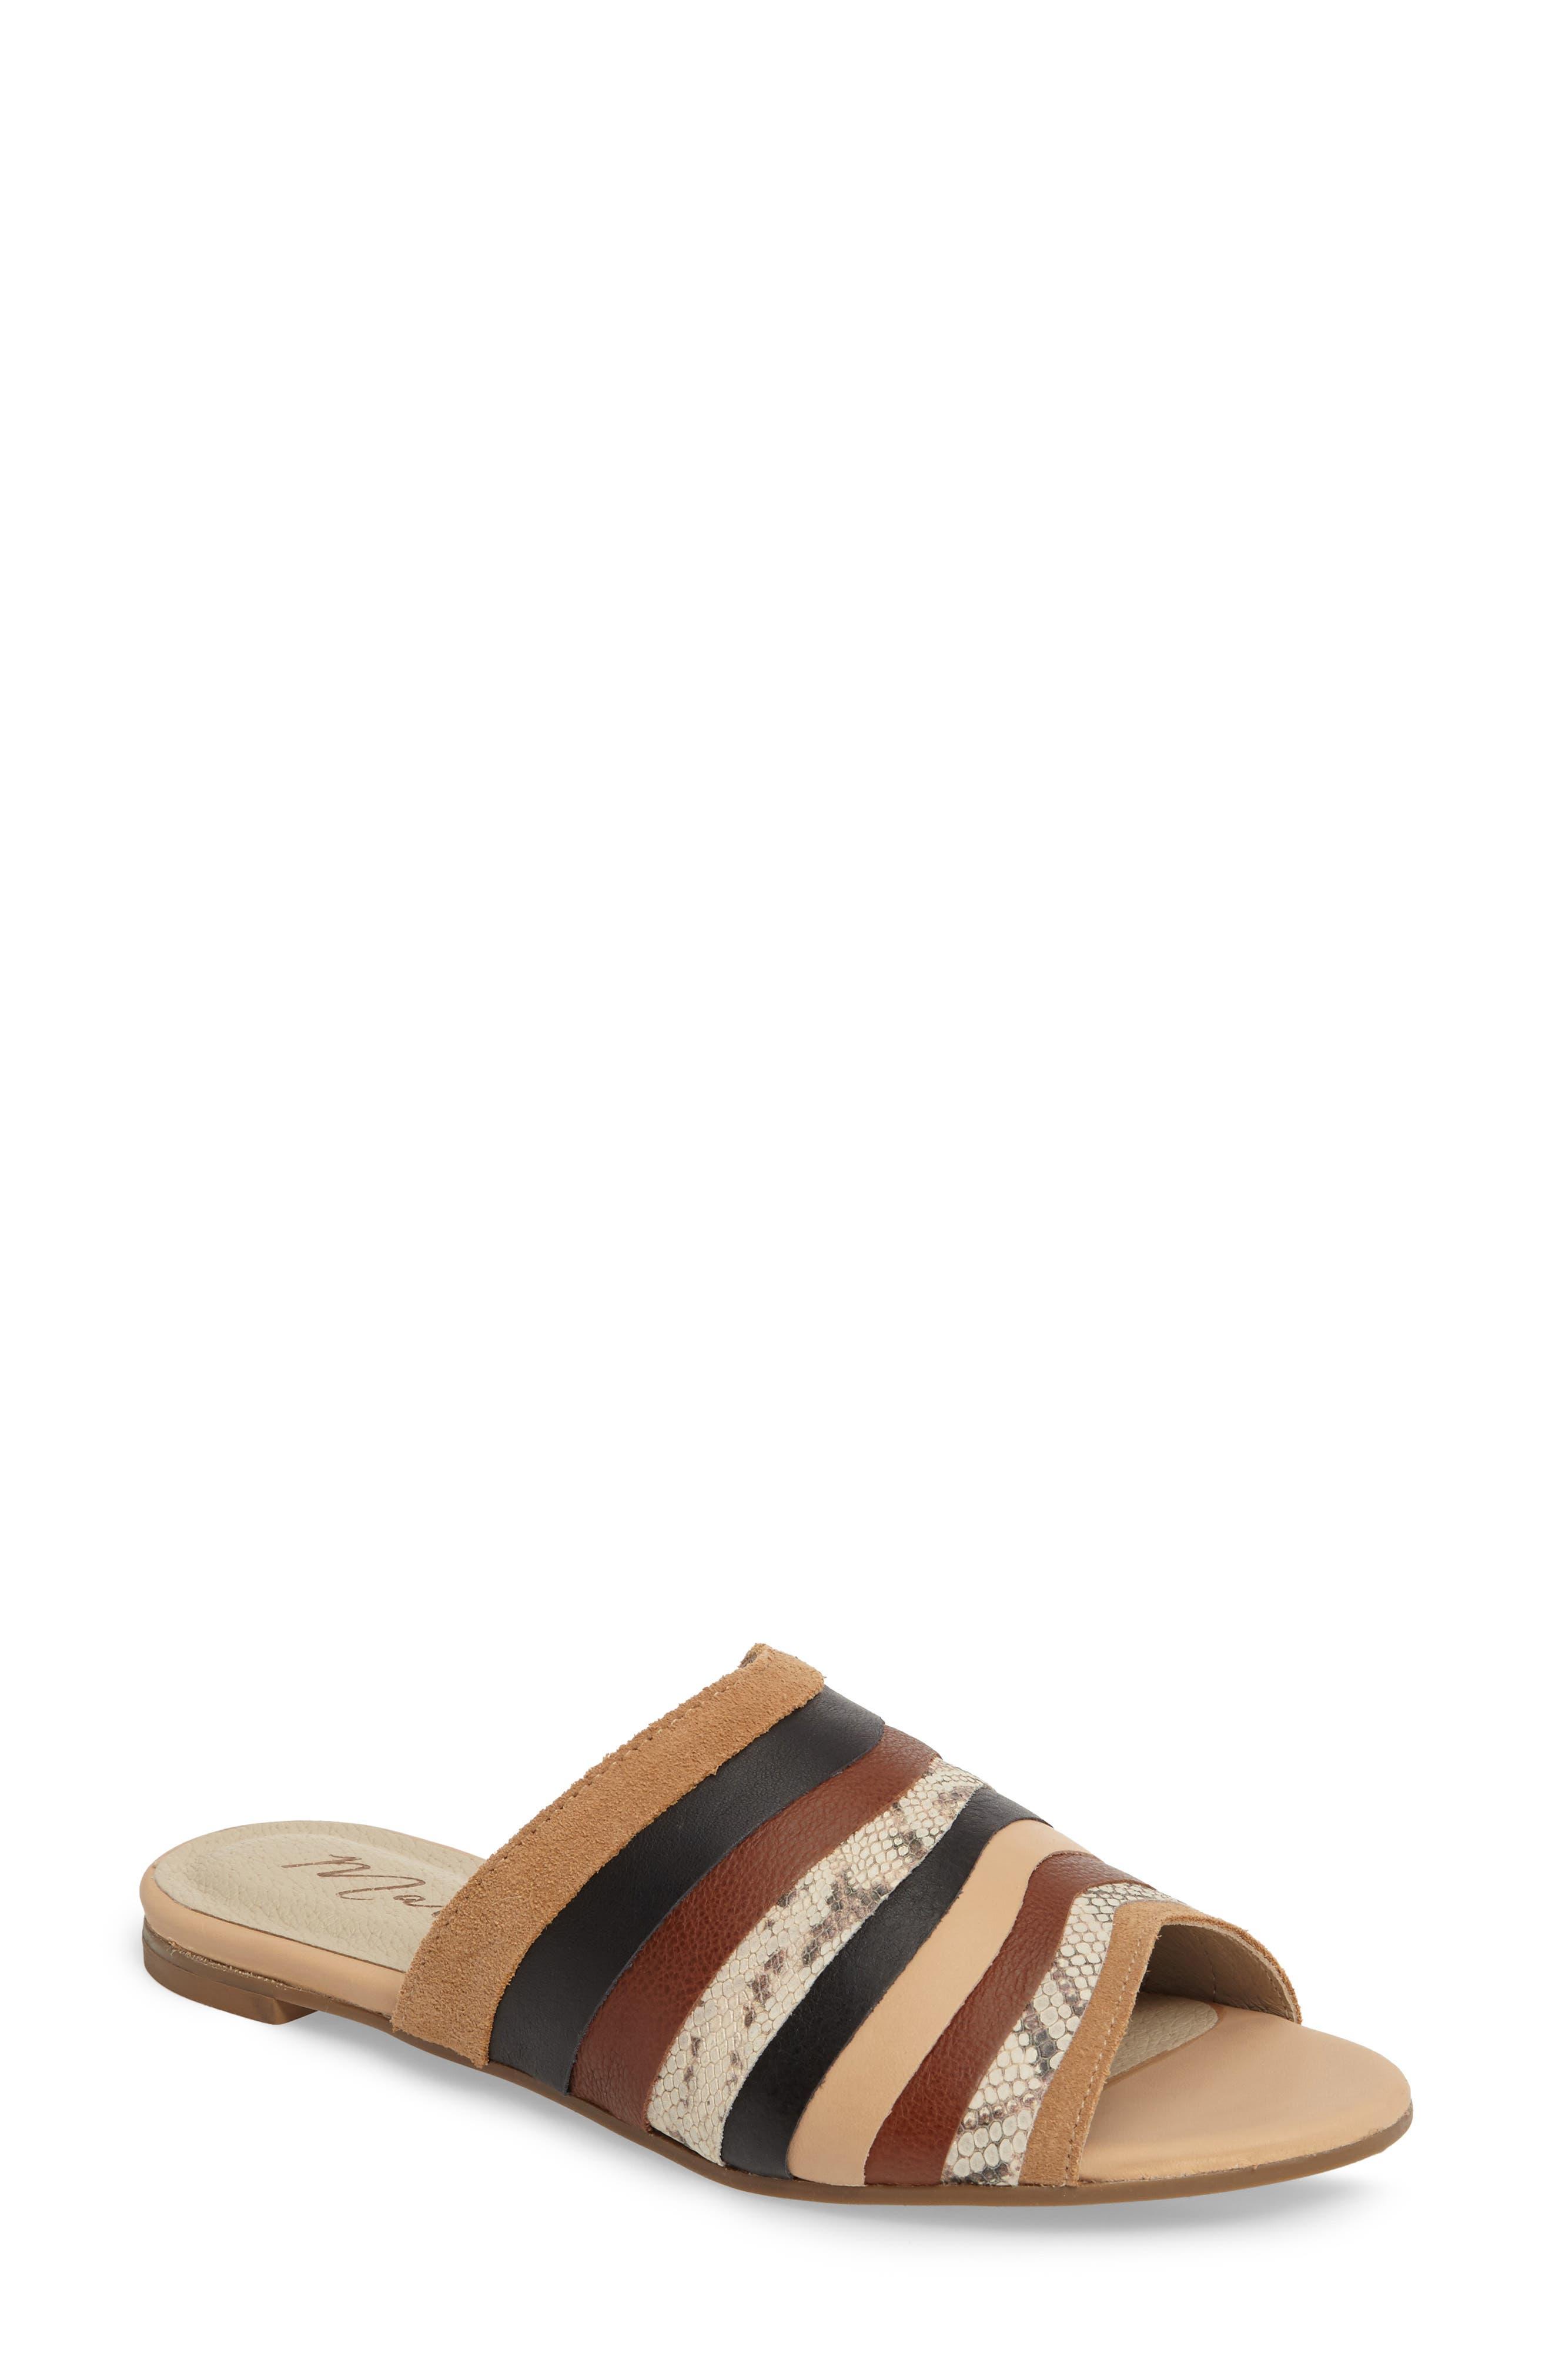 Moody Slide Sandal,                             Main thumbnail 1, color,                             250